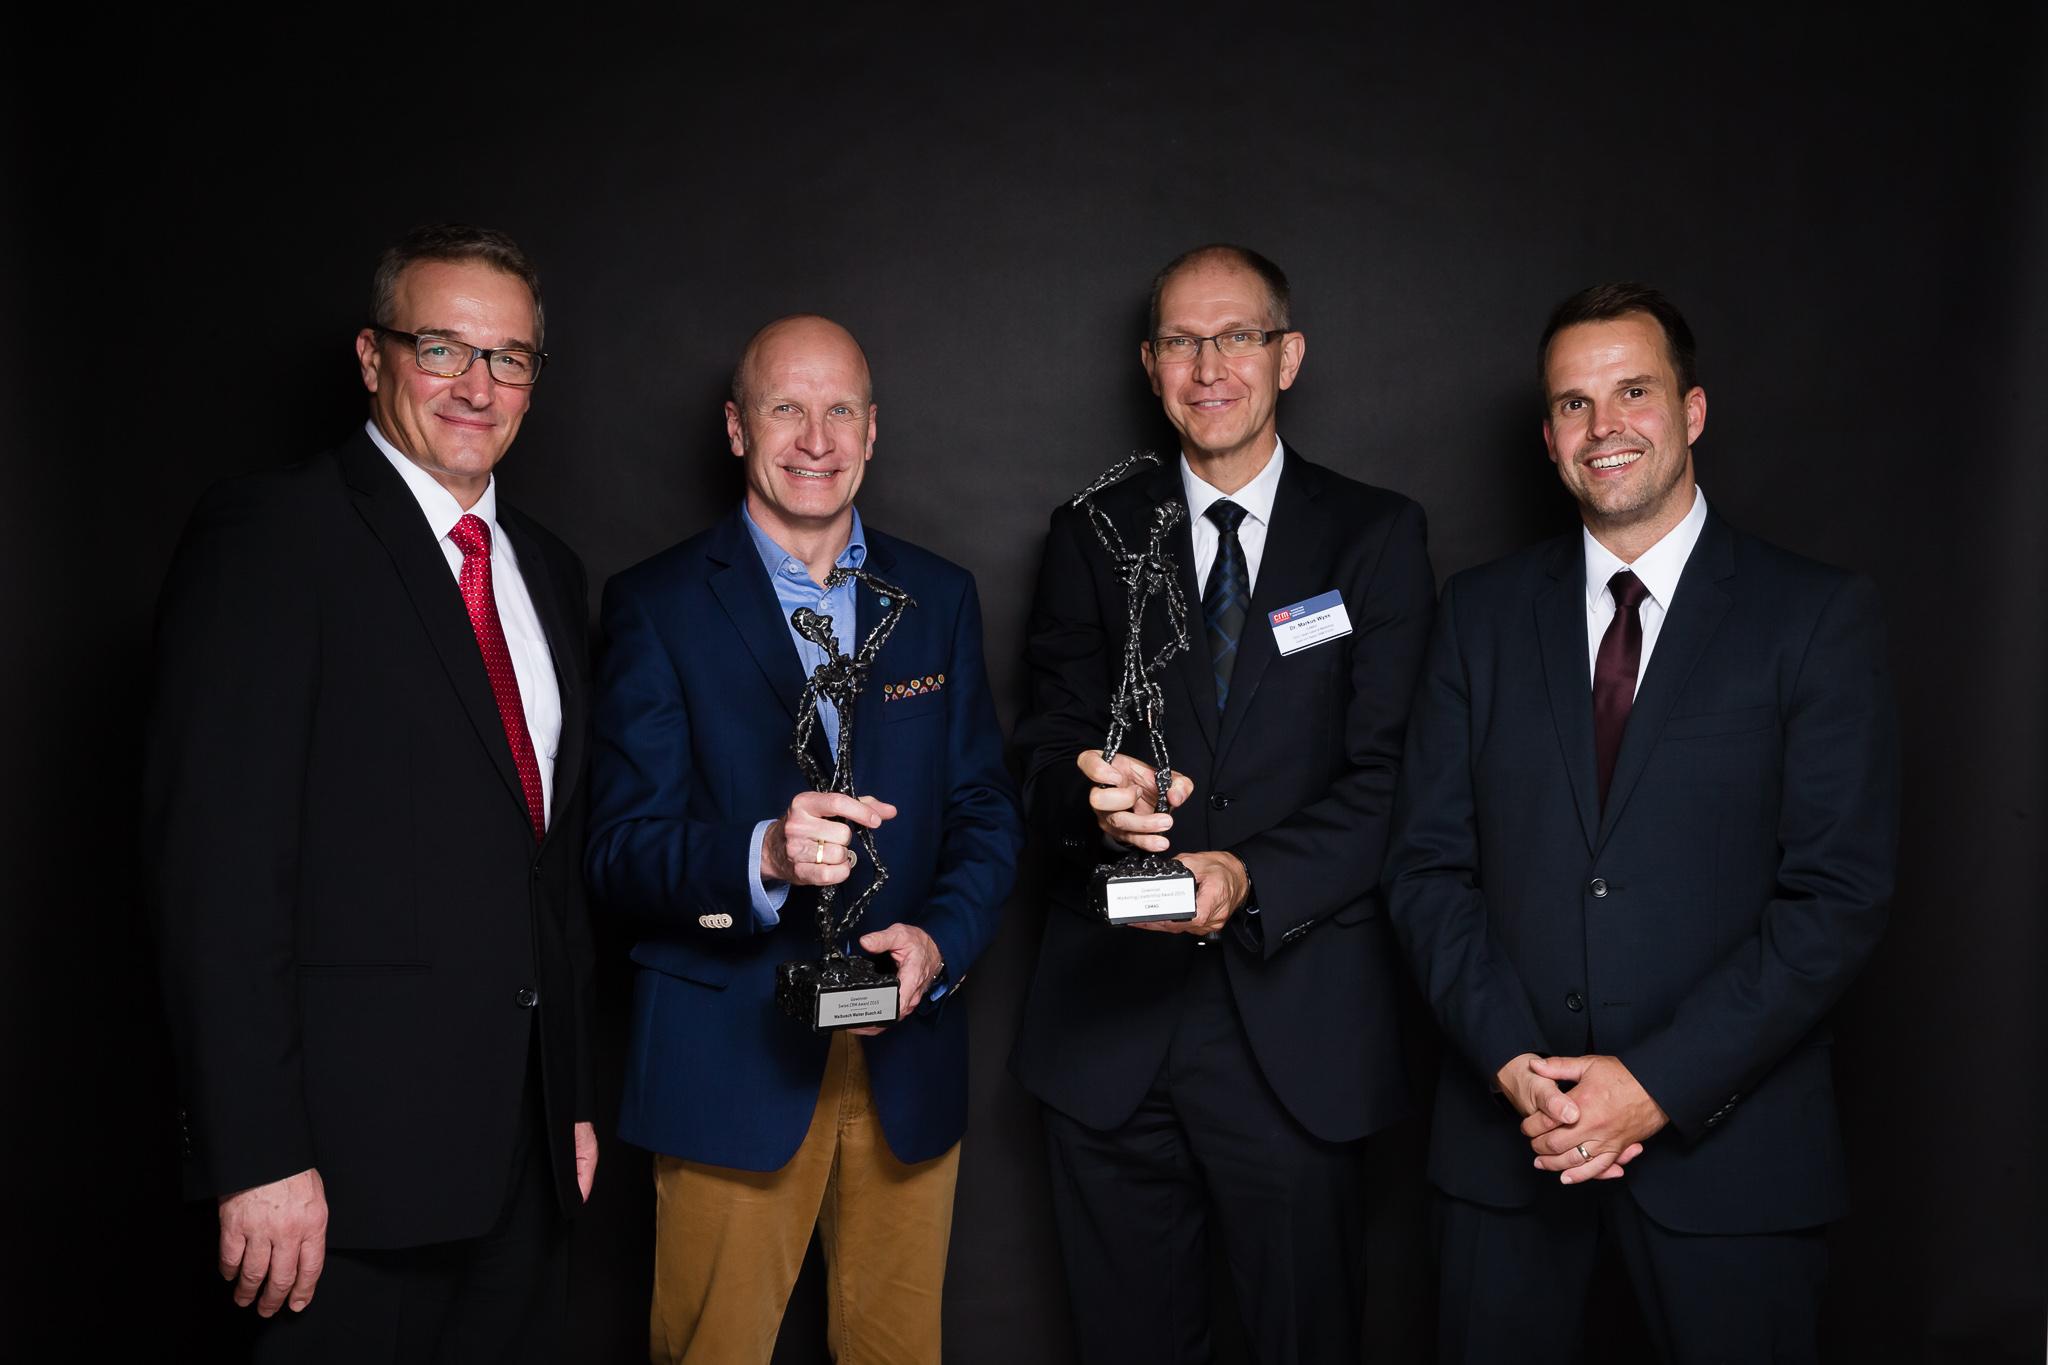 (v.l.n.r.: Stephan Isenschmid (Geschäftsführer Swiss CRM Forum), Bernhard Egger (Gewinner Swiss CRM Award, Geschäftsführer Schweiz und Österreich Walbusch), Dr. Markus Wyss (CEO, Head Sales & Marketing CAMAG) und Dr. Brian Rüeger (Leiter des Instituts für Marketing Management))